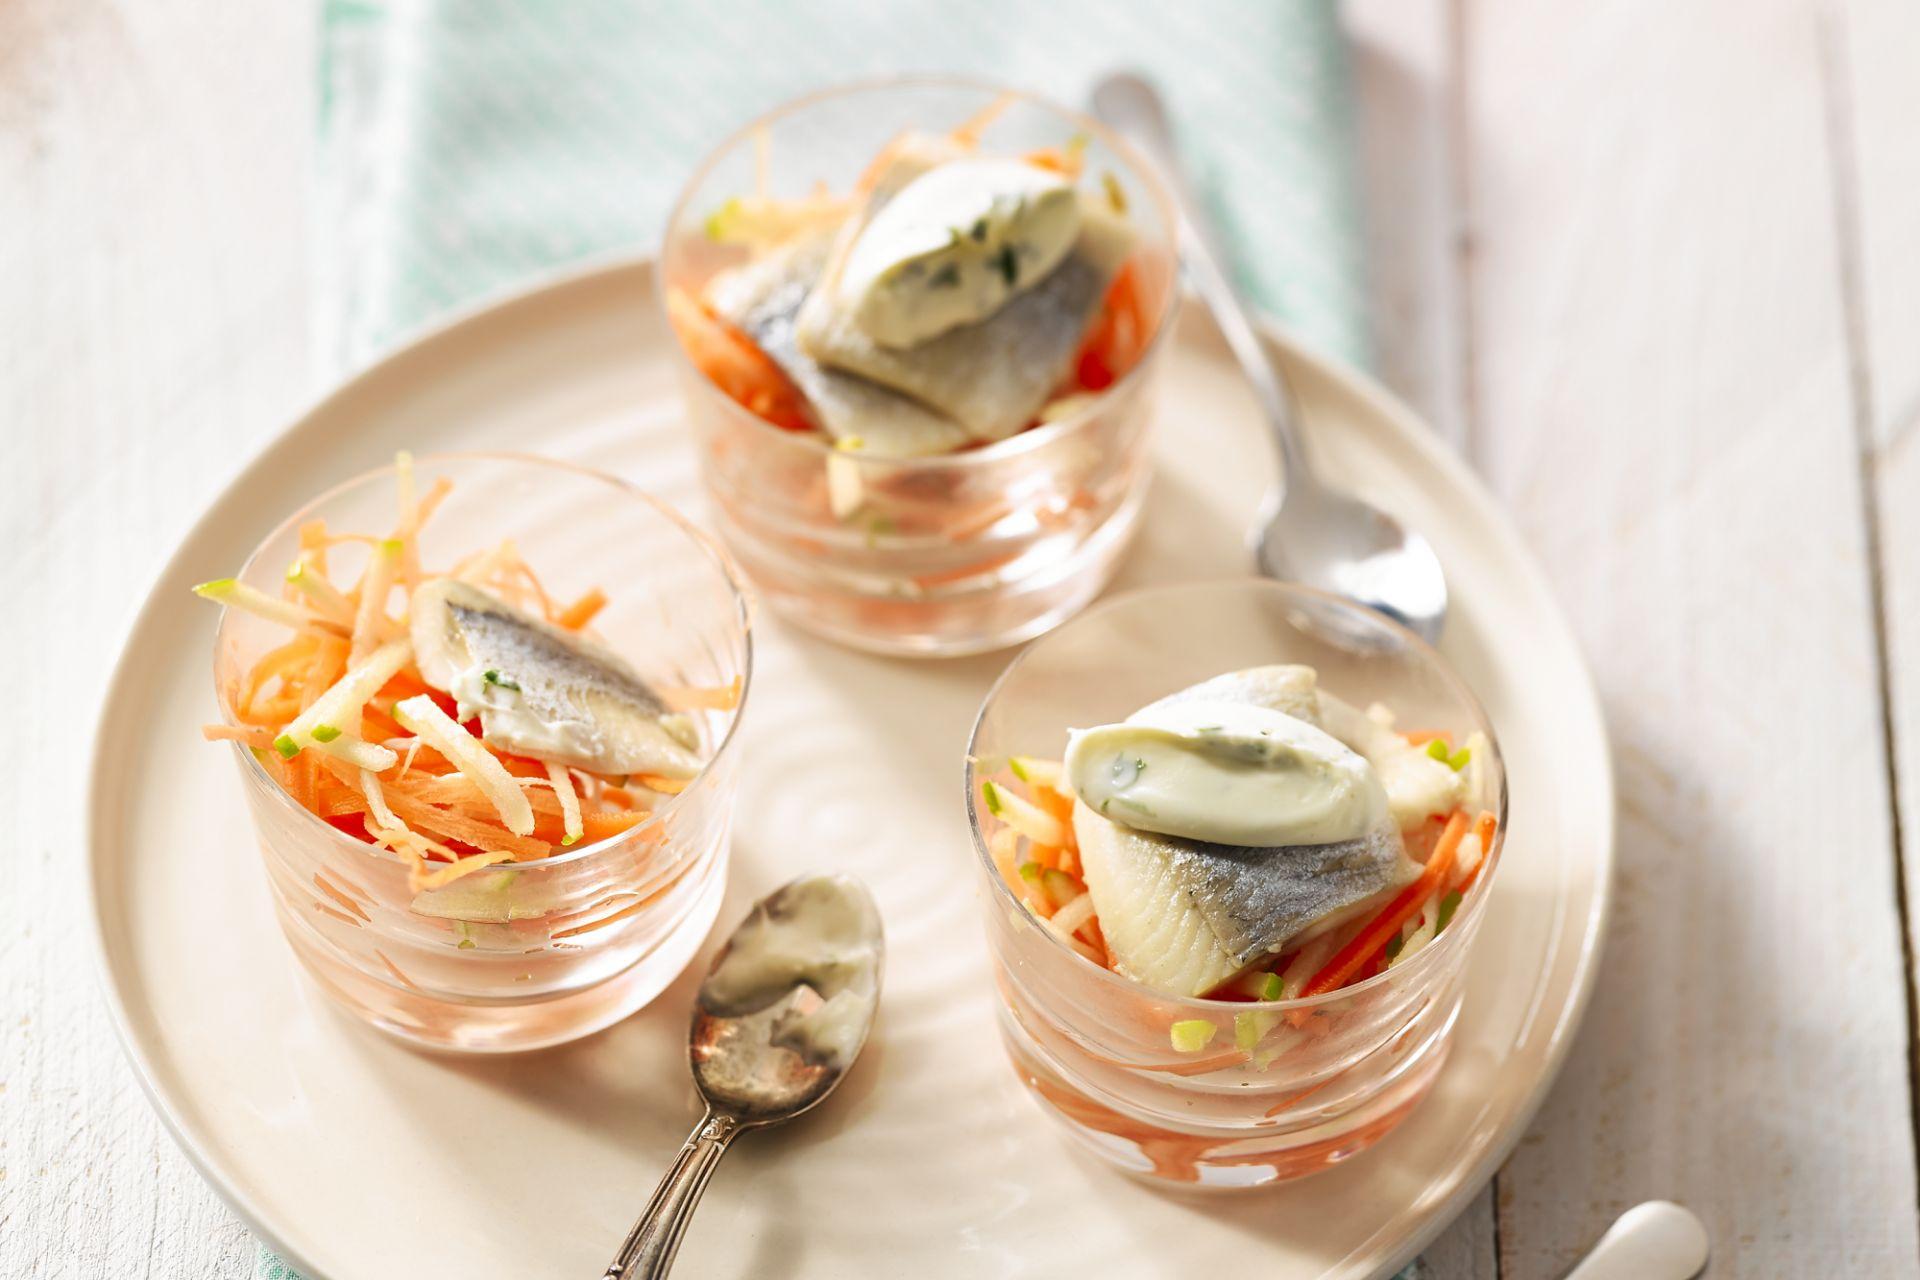 Zure haringfilet met halfgeklopte limoenroom en een julienne van wortel en granny smith